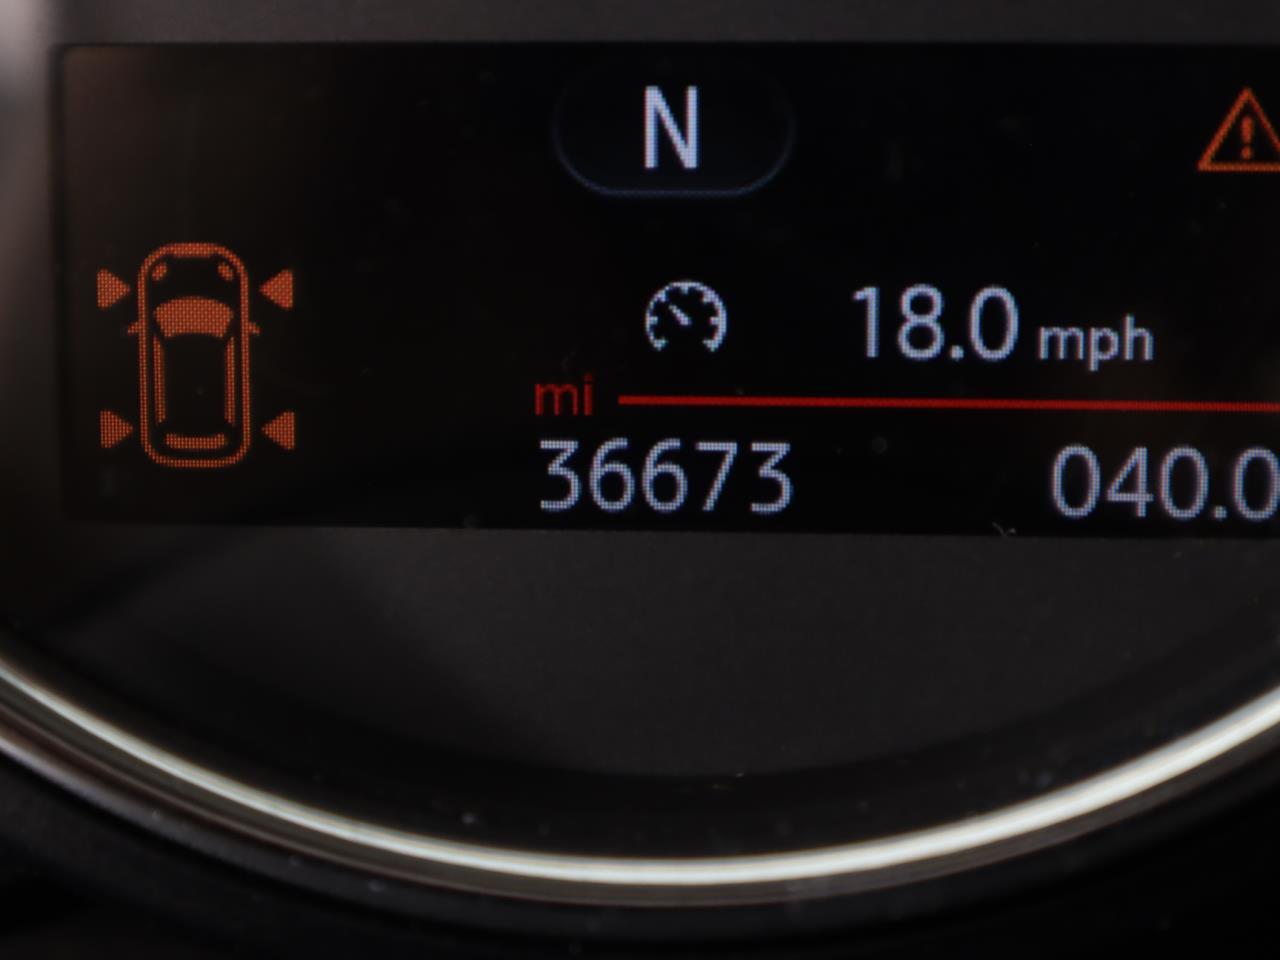 used vehicle - Coupe MINI HARDTOP 2 DOOR 2017